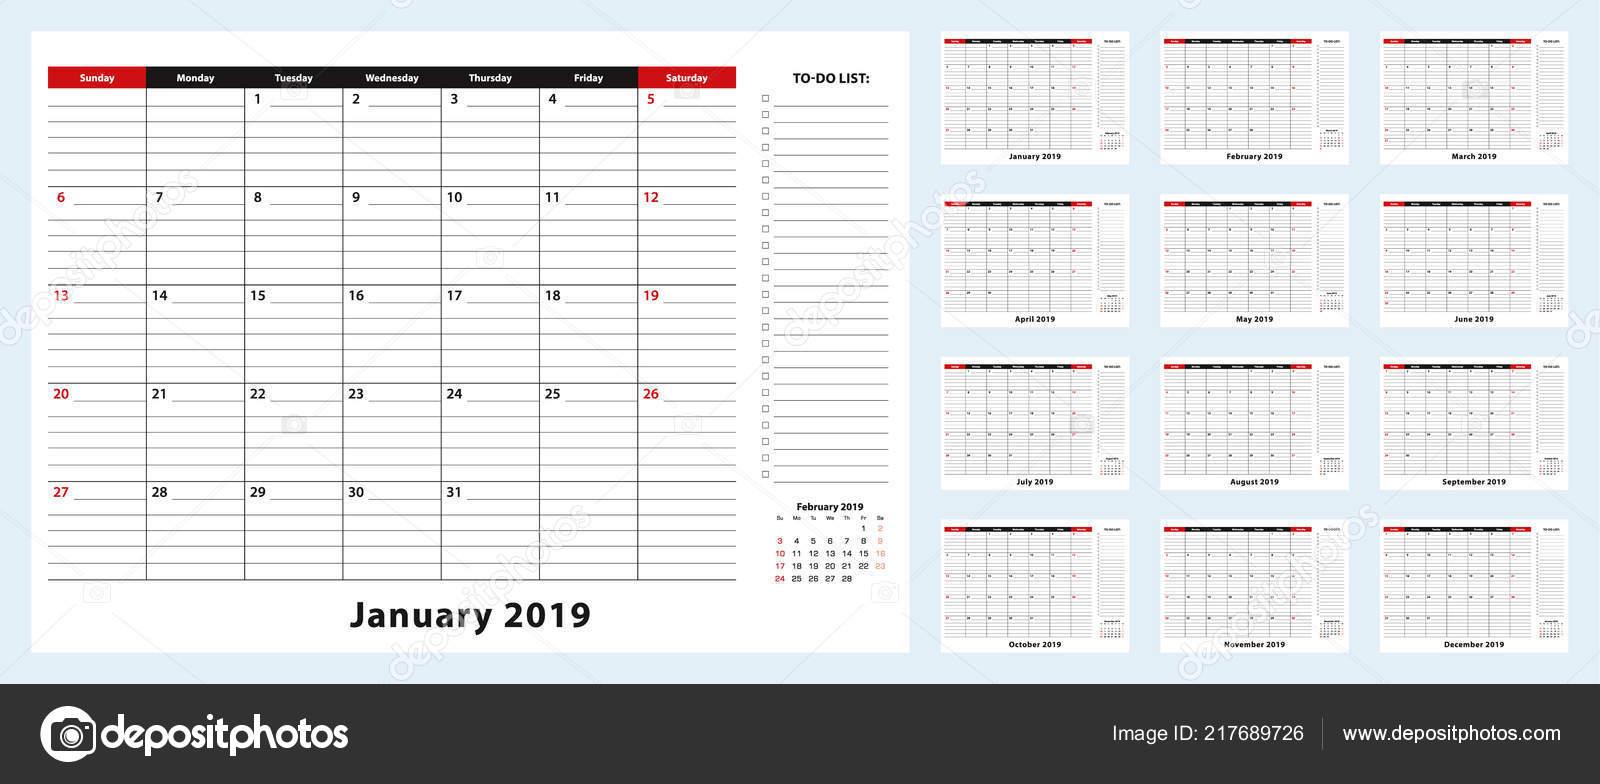 Calendario Mese Dicembre 2019.Reception Pad Calendario Mensile Gennaio 2019 Dicembre 2019